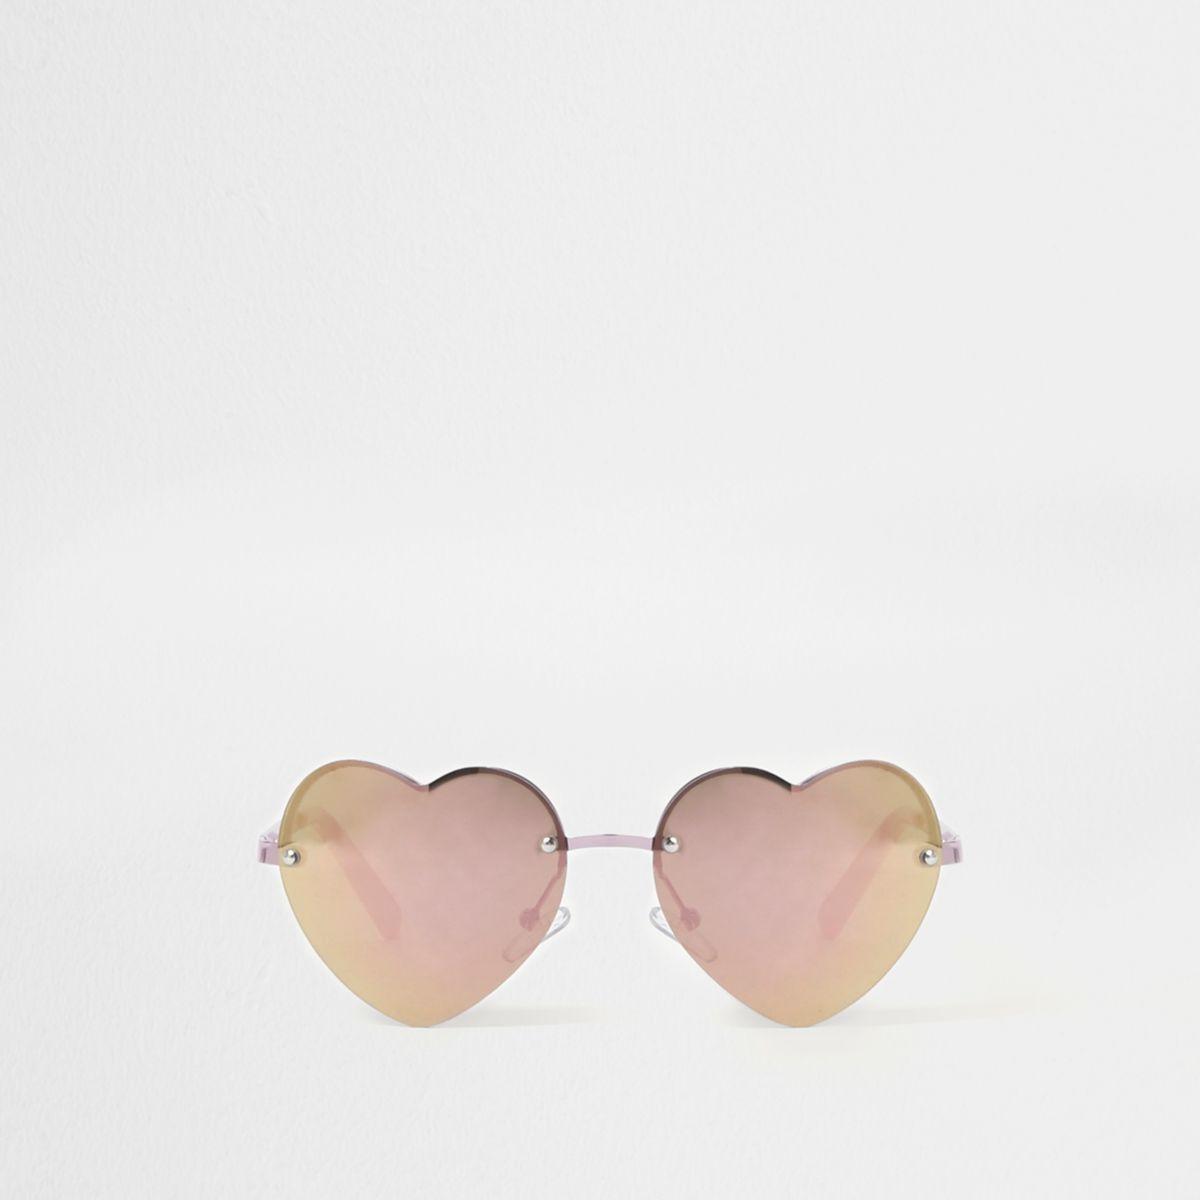 Lunettes de soleil verres effet miroir cœurs roses pour fille